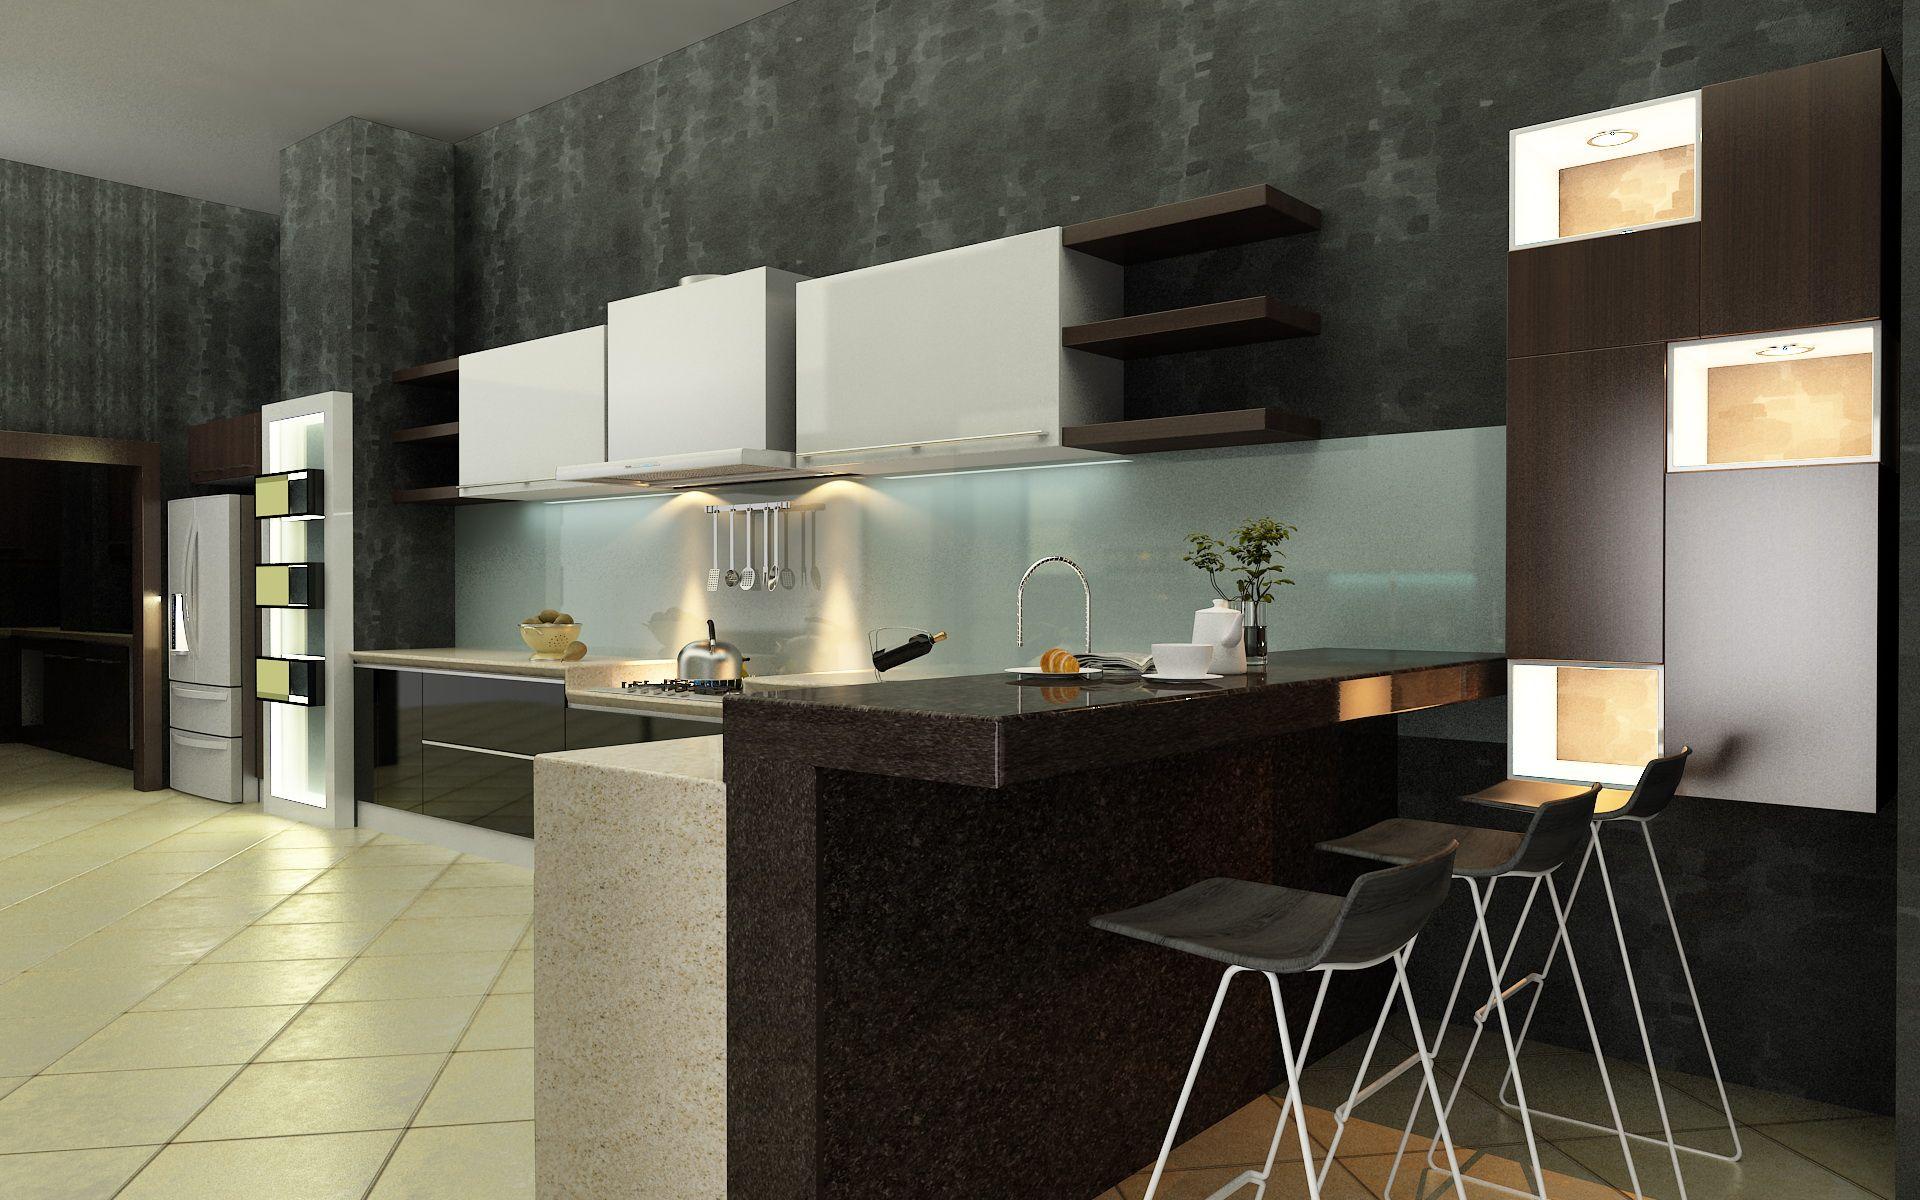 II eshgh abadi kitchen (6)_result